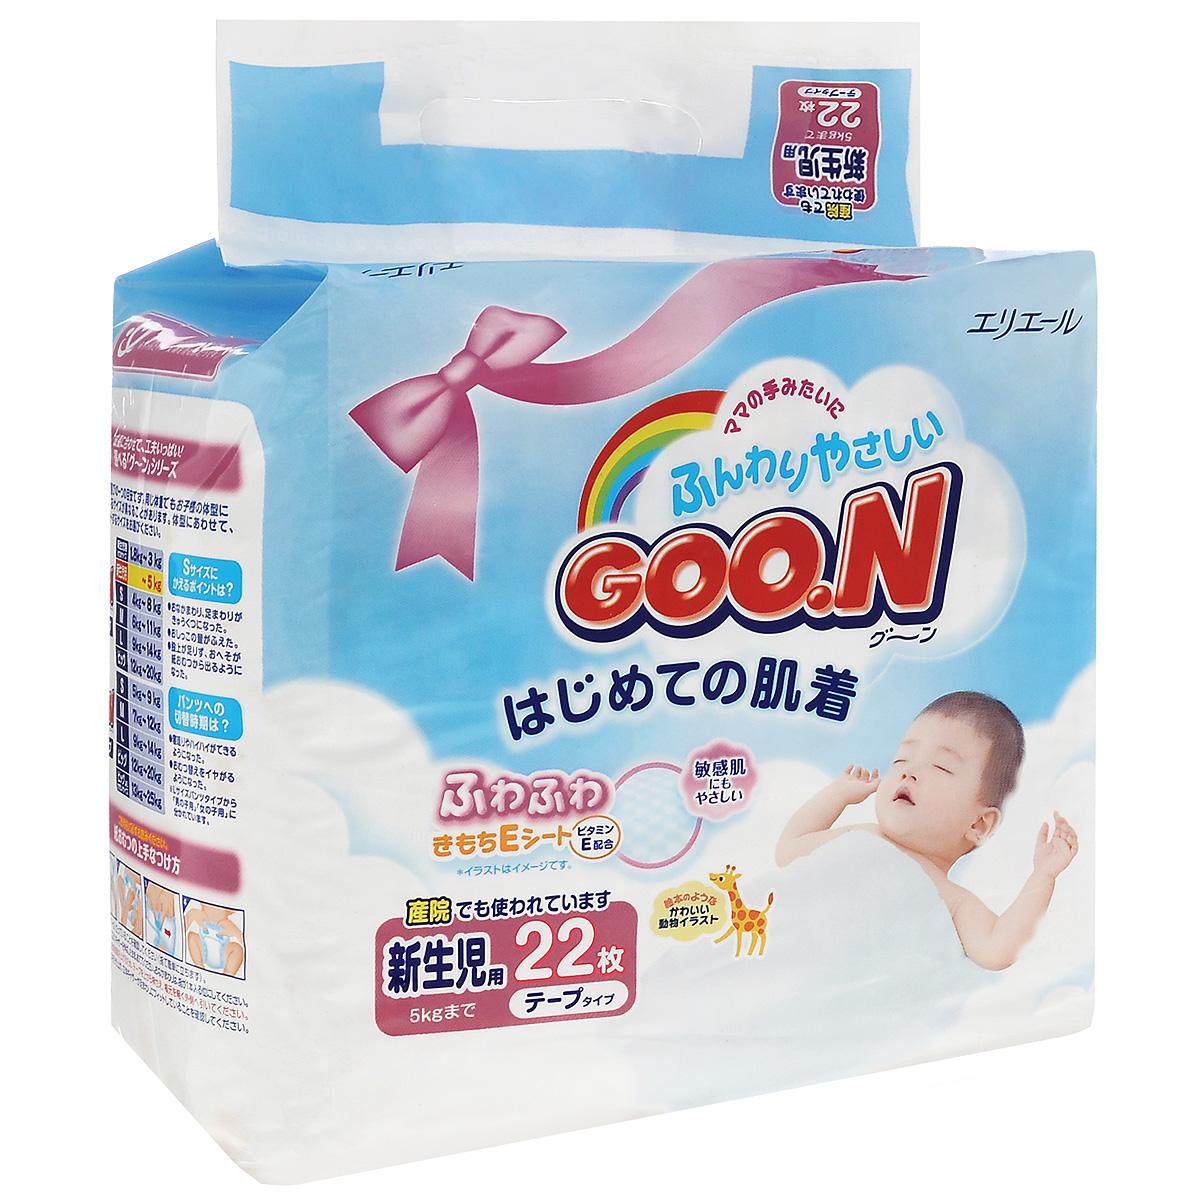 GOON Подгузники, до 5 кг, 22 шт753630Японские подгузники Goon изготавливаются только из высококачественных экологически чистых материалов, прошедших специальную обработку, и соответствуют всем санитарно-эпидемиологическим нормам. Невероятно мягкие и нежные подгузники моментально впитывают влагу и долго удерживают её внутри. Содержат натуральный витамин Е, который питает кожу и повышает её защитные функции. Подгузники прекрасно пропускают воздух, предотвращая появление опрелостей. Особенности: Нежно касаются кожи и сидят как обычное бельё. Подходит для чувствительной кожи. 3D рельеф сокращает площадь подгузника, которая касается кожи малыша, исключая опрелости. Жидкий стул впитывается в углубления. Содержит витамин Е. Нежное касание, благодаря воздуху, который задерживается между слоями. Без протеканий на спинке, благодаря резинке на поясе подгузник плотно прилегает. Дышащий внешний слой. Микропоры внешнего слоя пропускают воздух к...